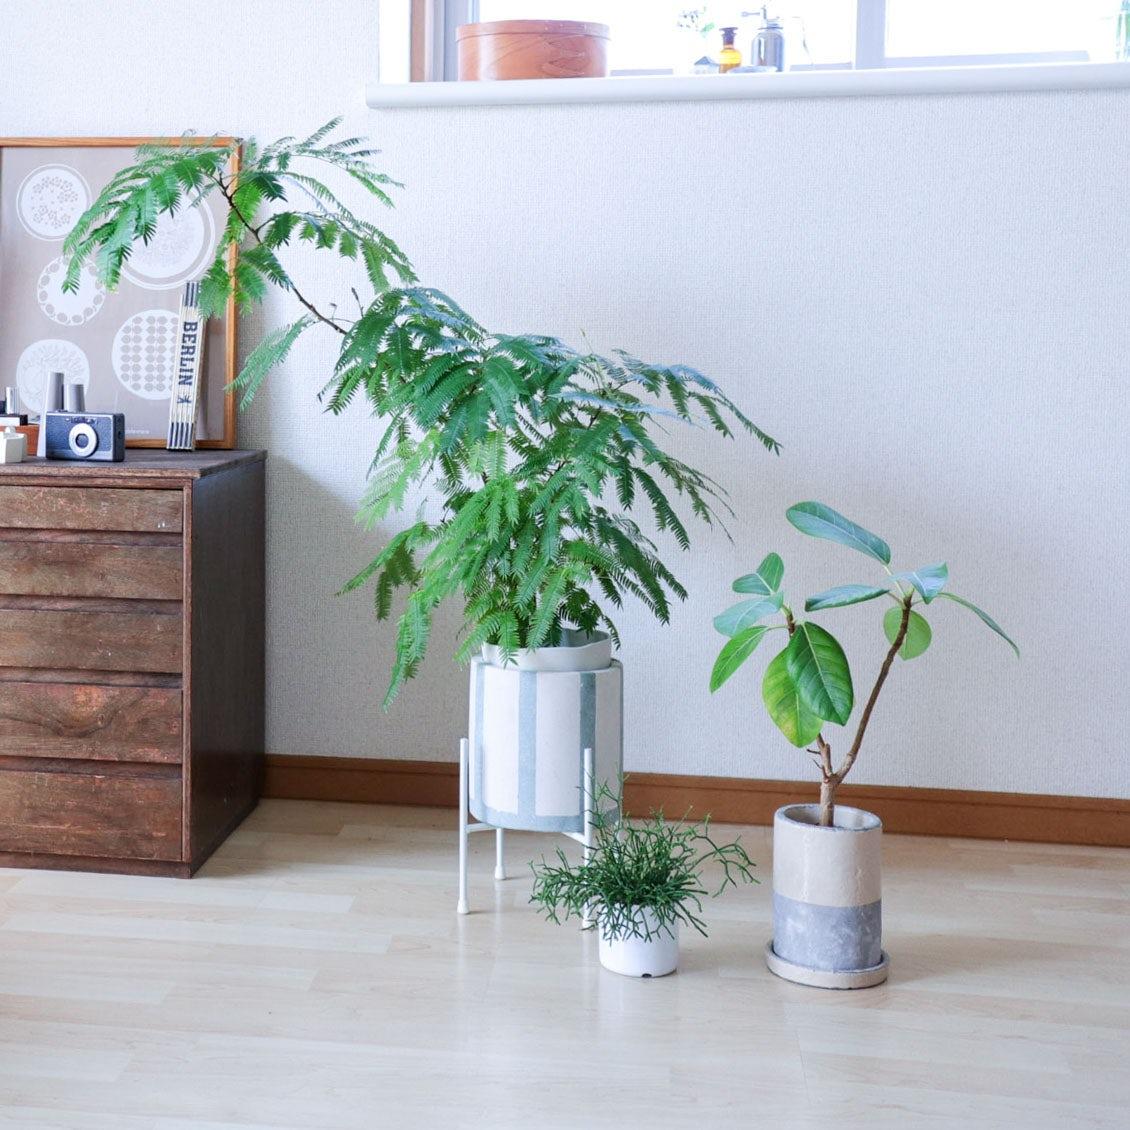 【インドアグリーンとの付きあい方】前編:鉢植えの元気を見極める、4つのチェックポイント&お手入れ法